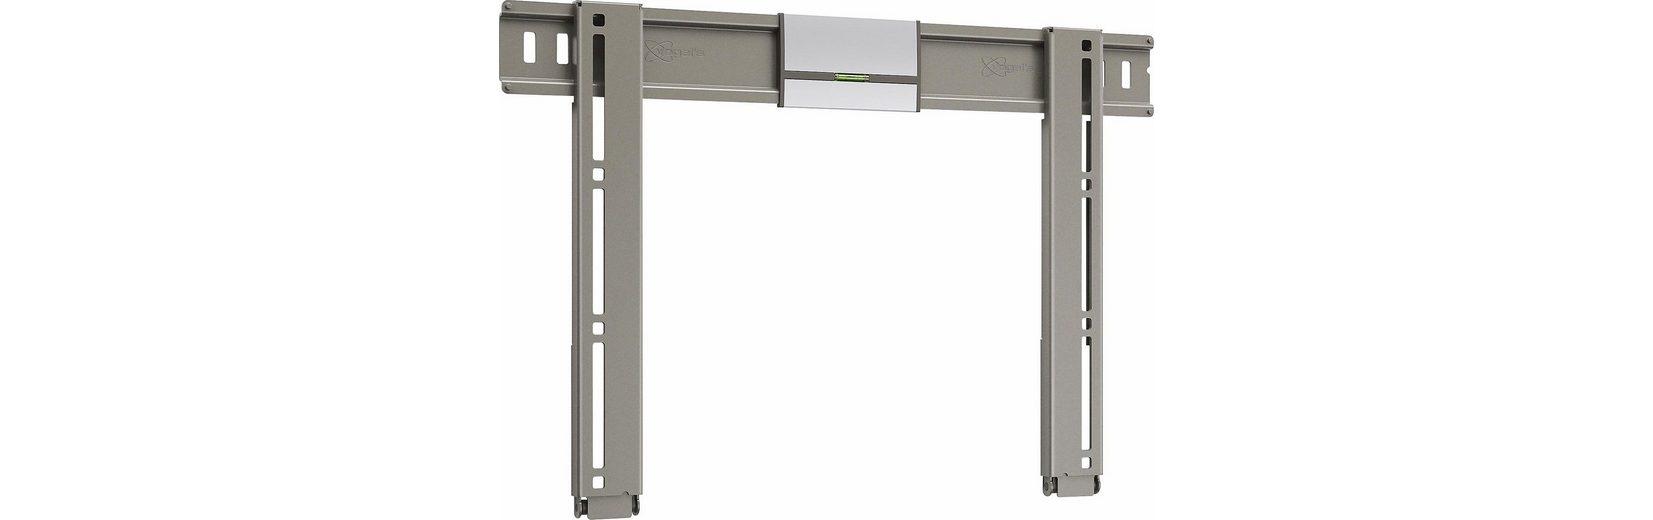 vogel's® TV-Wandhalterung »THIN 205« starr, für 66-140 cm (26-55 Zoll) Fernseher, VESA 400x400